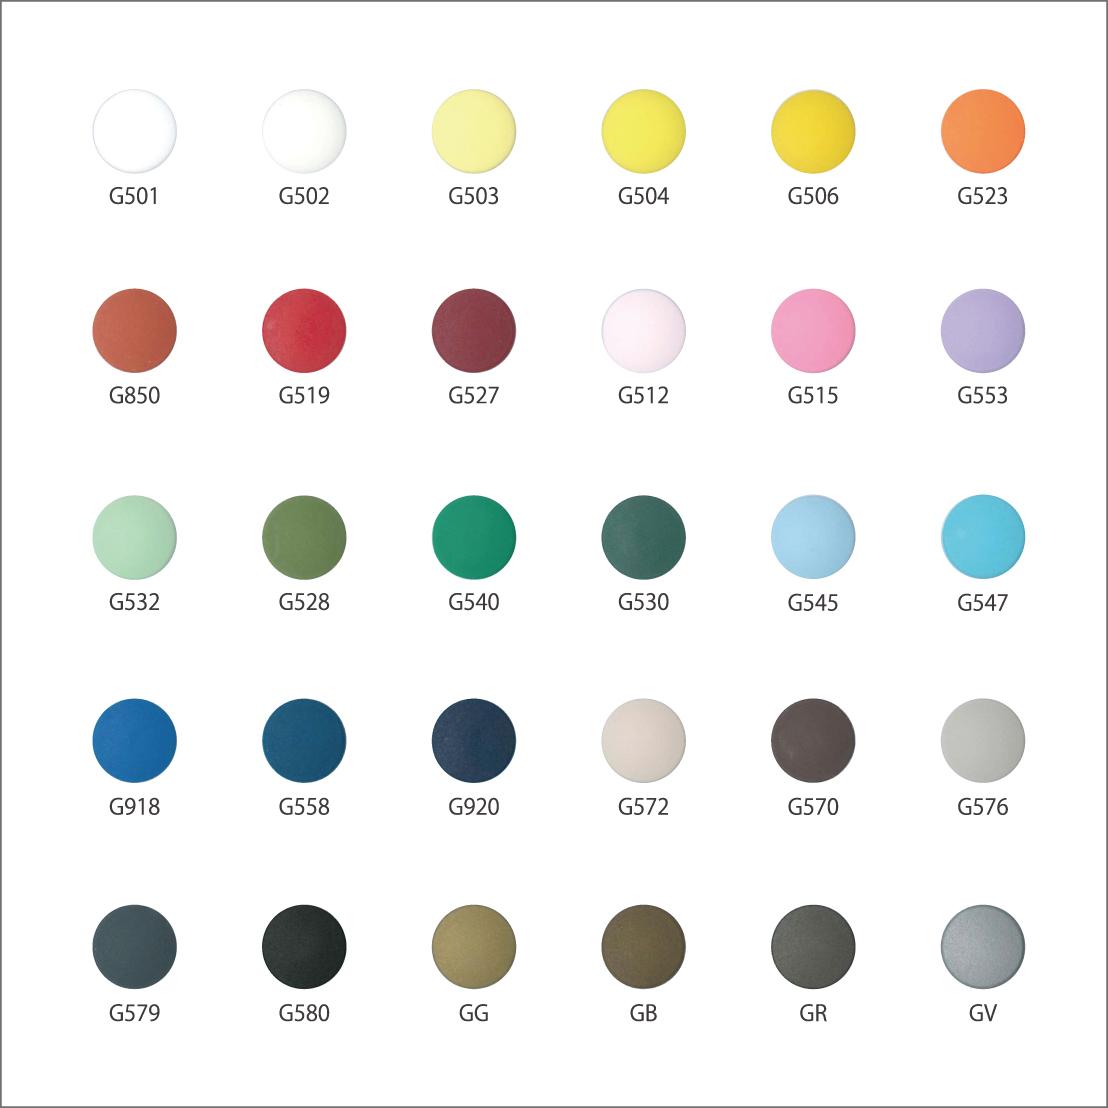 SG カラーバリエーション |「プロ仕様」の手芸用品 - CHERRY LABEL